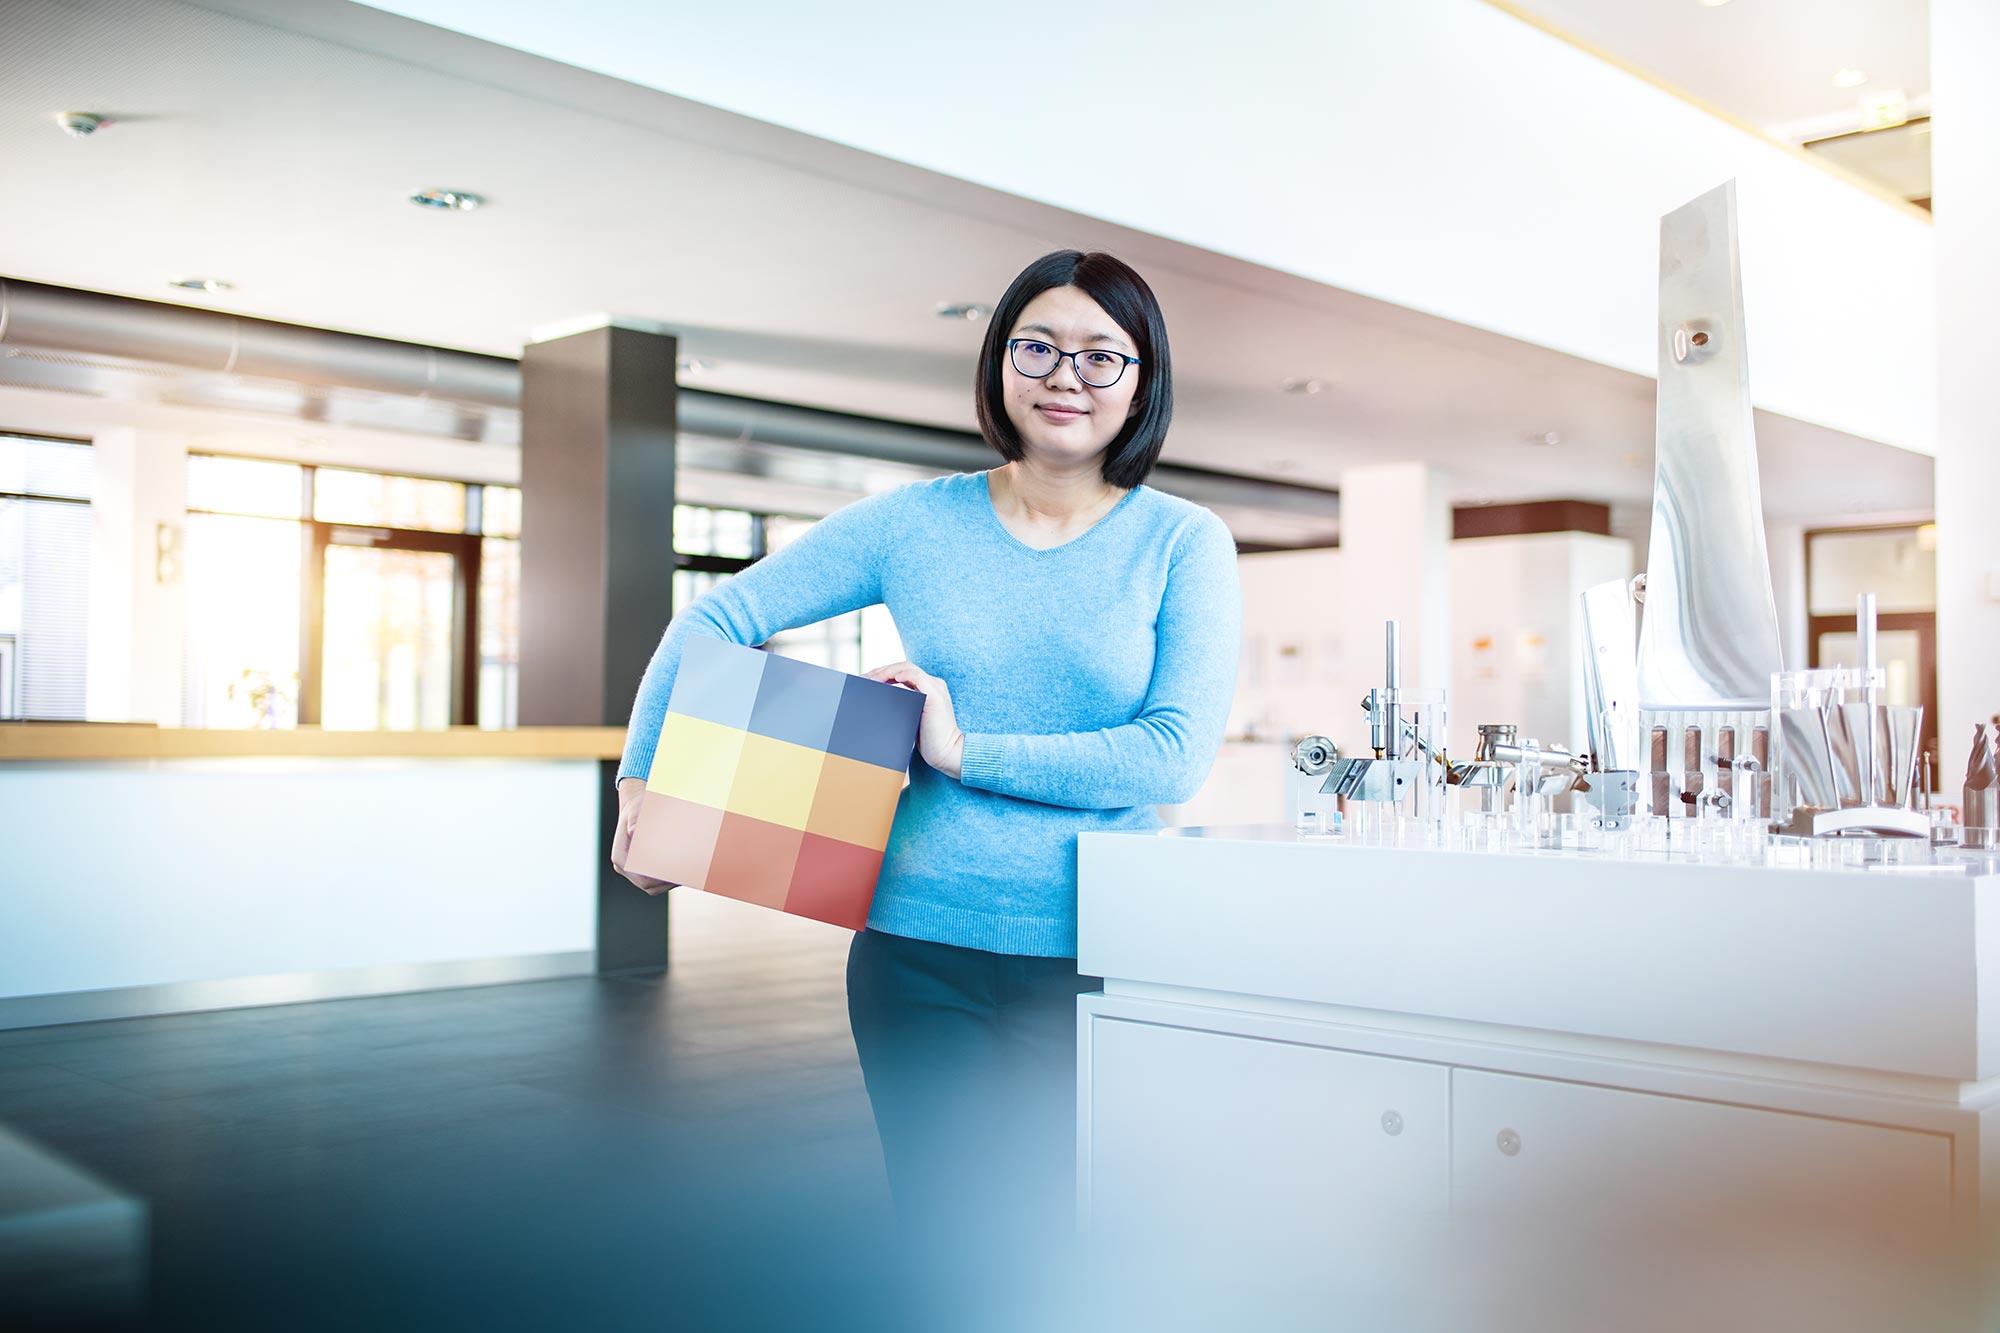 SECO TOOLS Employer Branding Kampagne Junge asiatische Frau steht im Empfangsbereich an Display für CNC Produkte